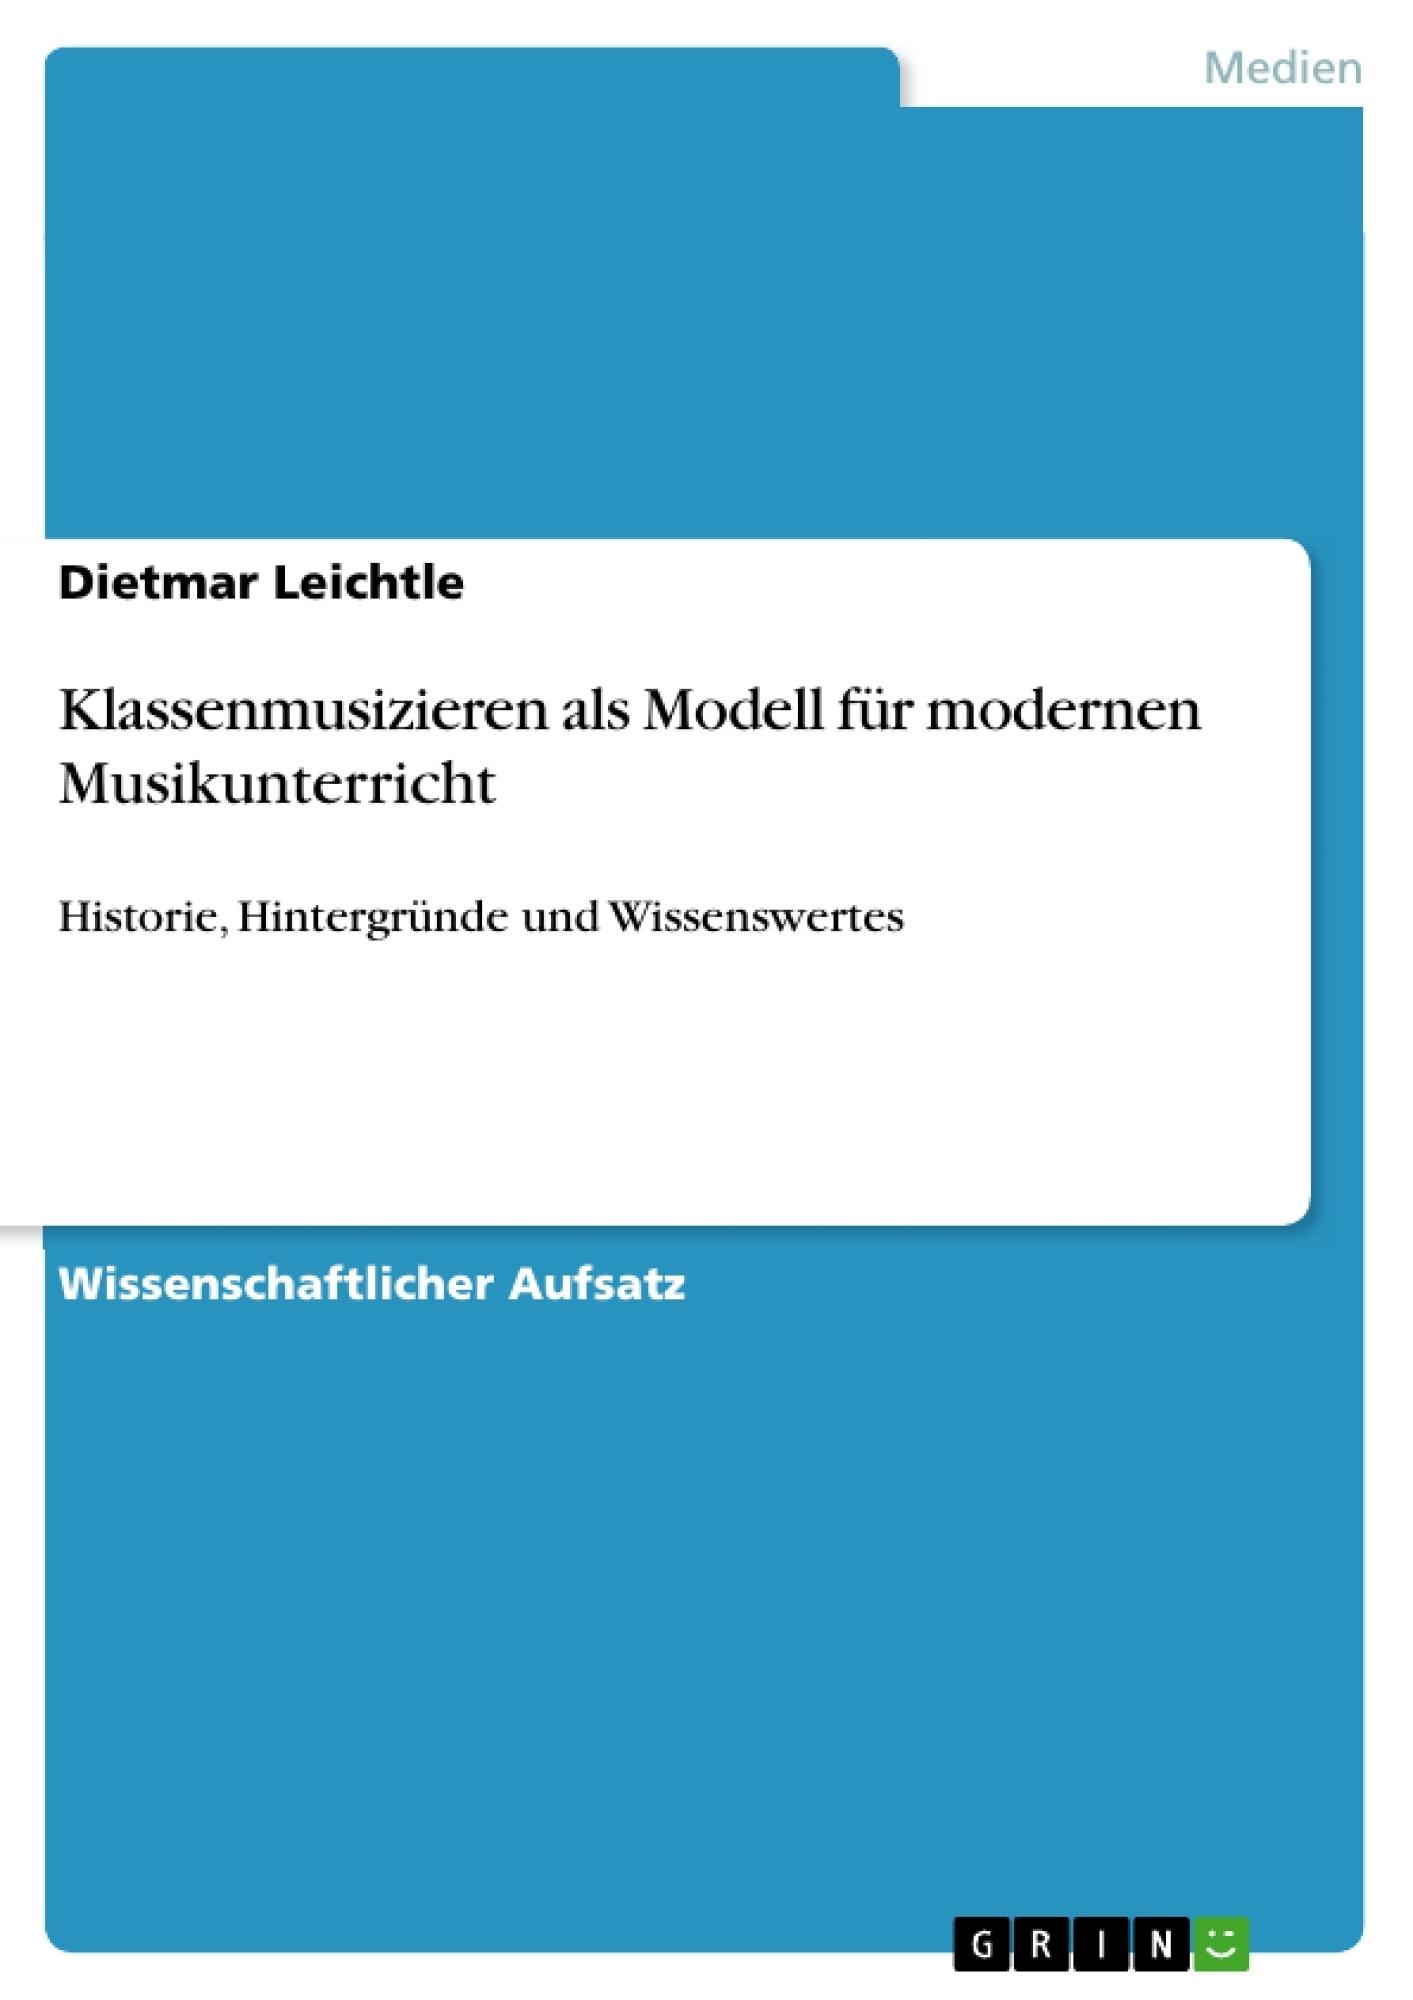 Titel: Klassenmusizieren als Modell für modernen Musikunterricht